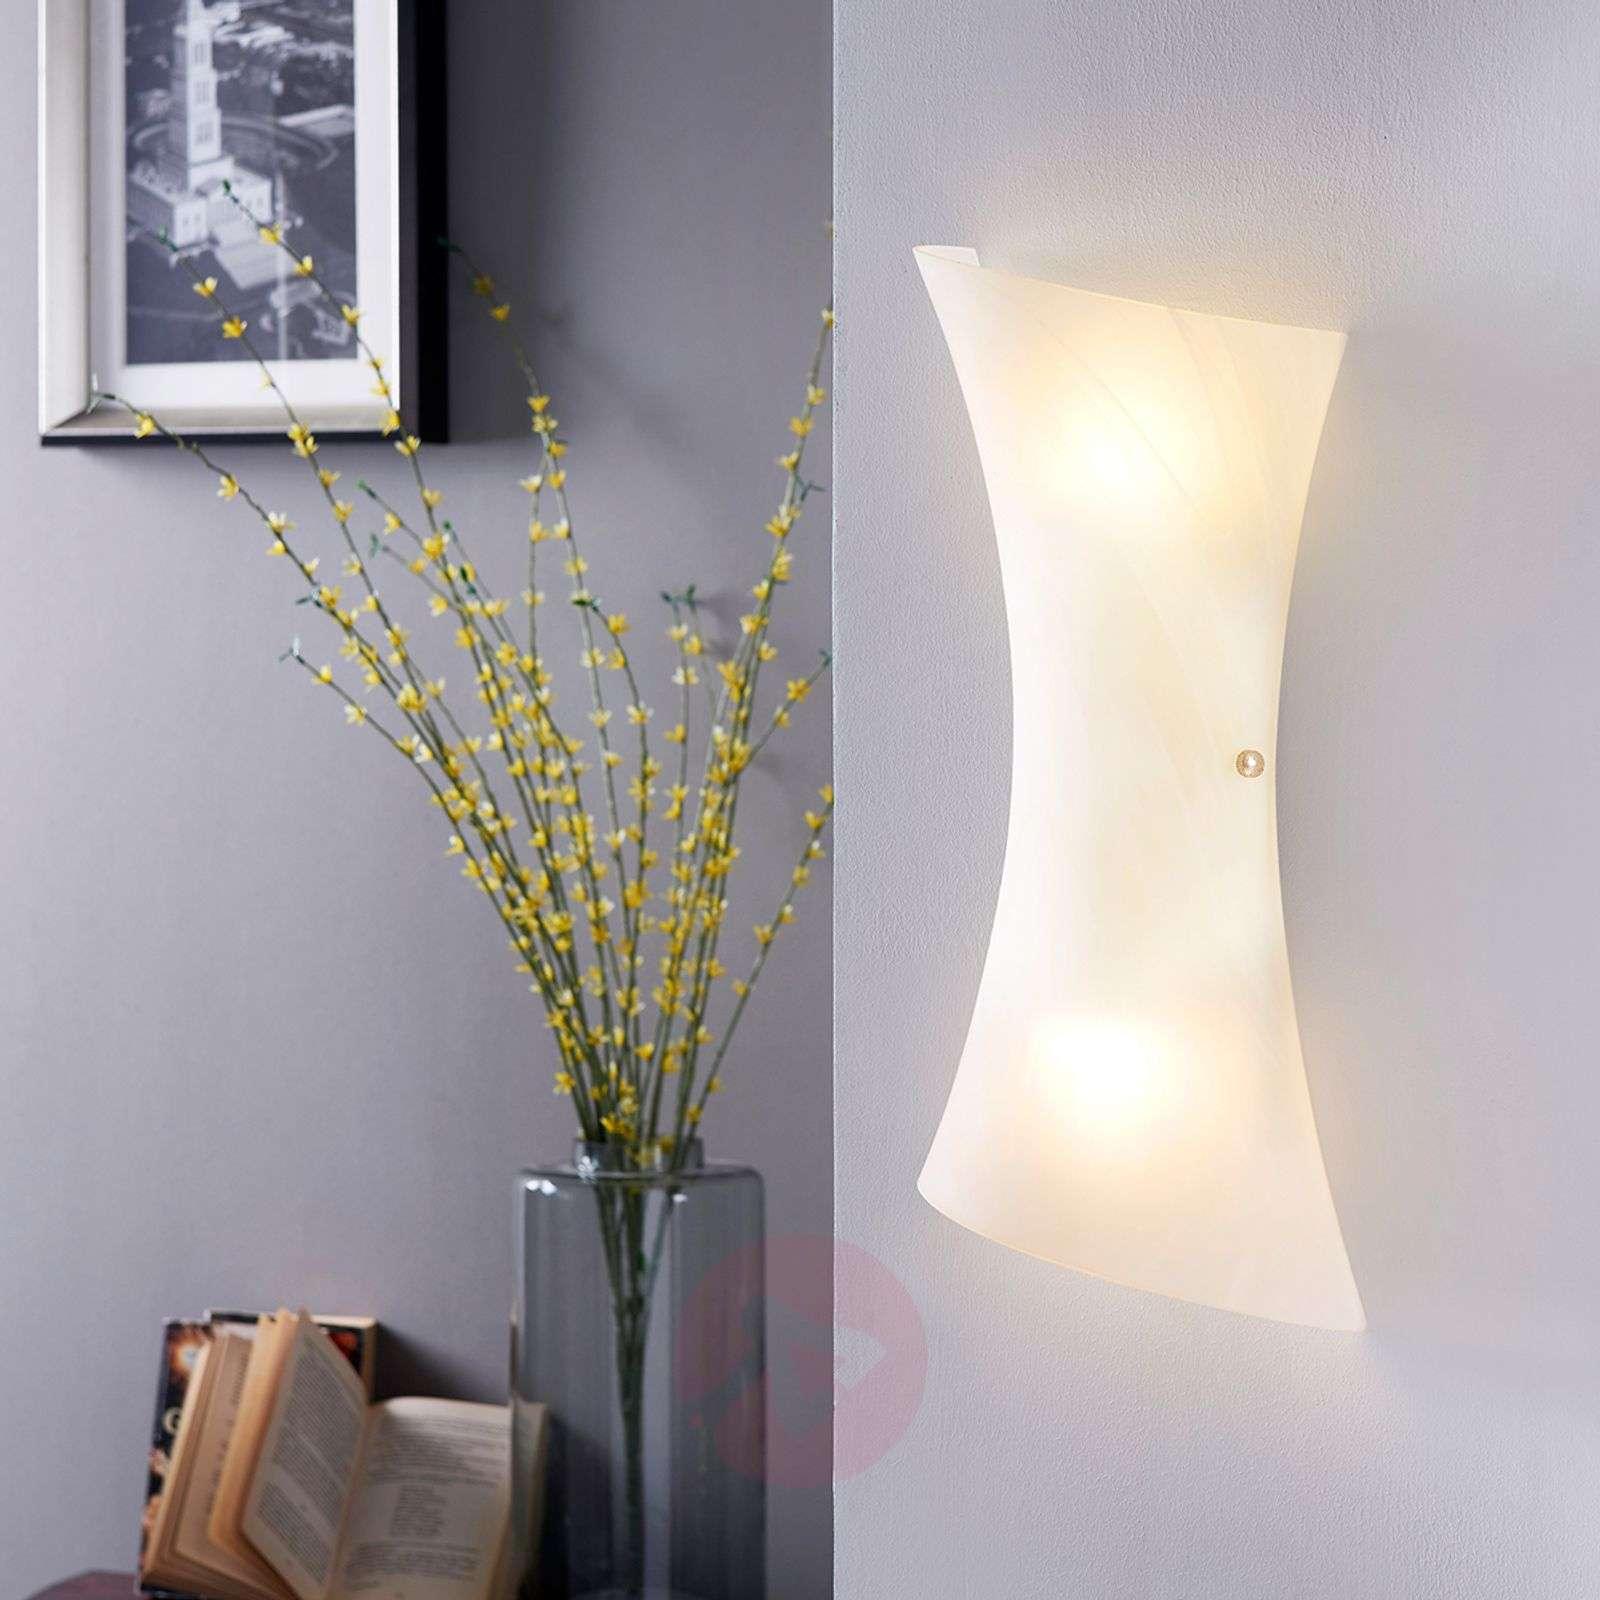 Valkoinen LED-seinävalaisin Ebba, lasia-9620105-01